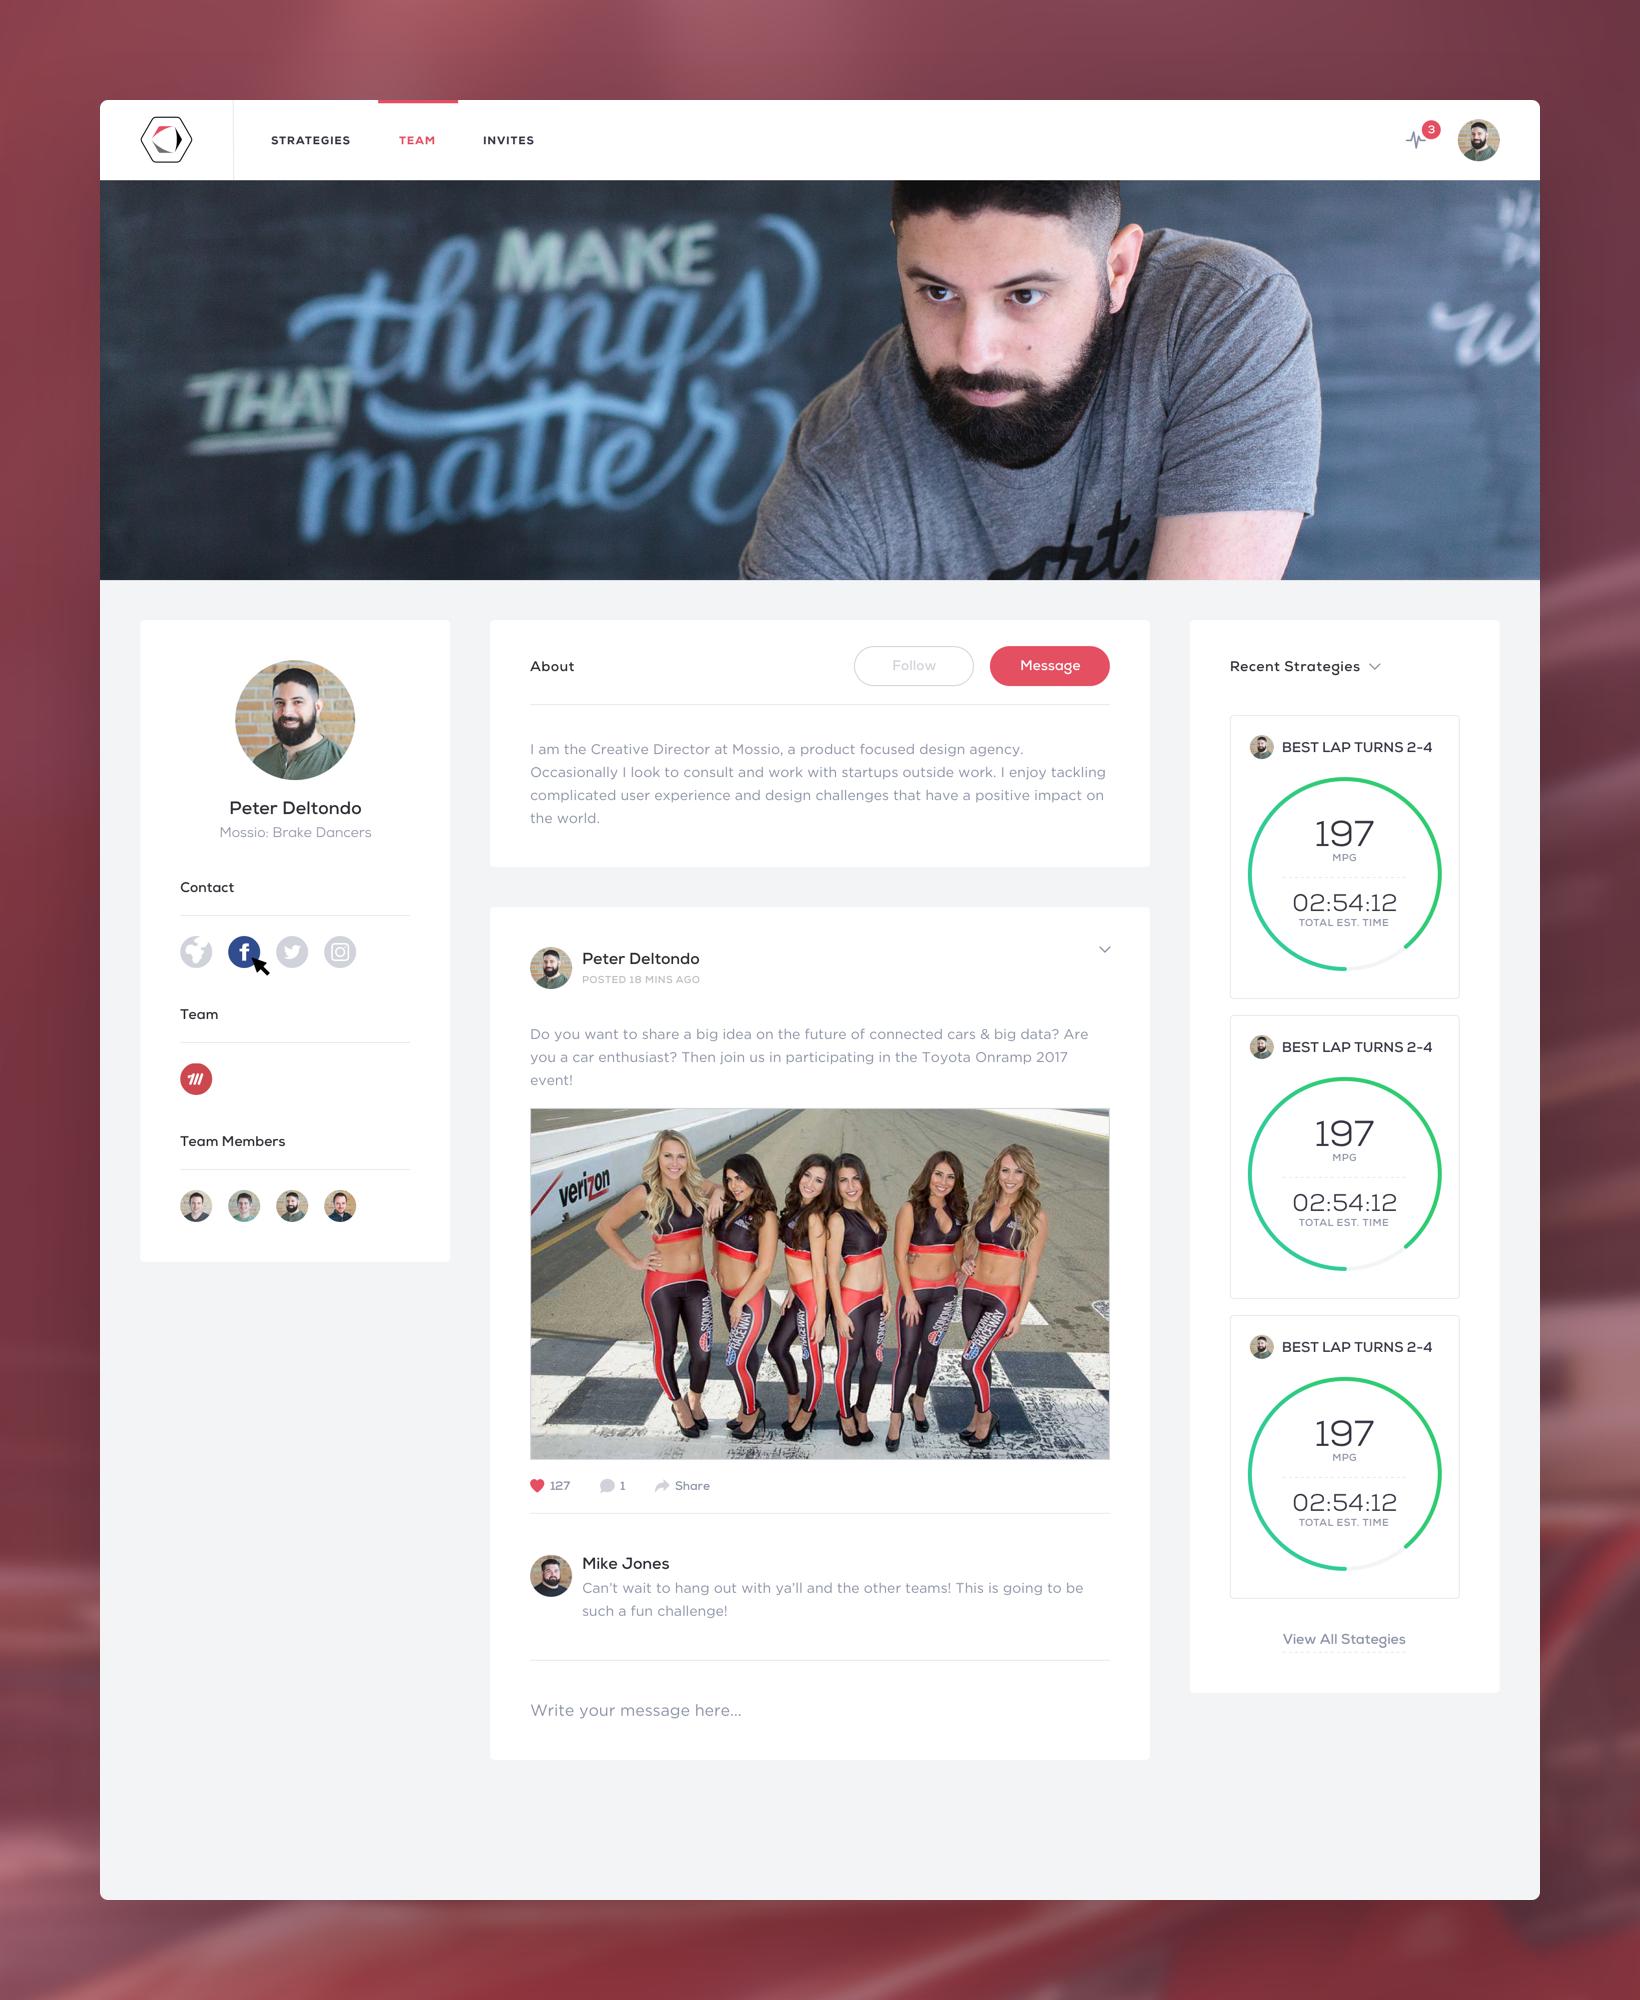 Toyota onramp series social dashboard user profile peter deltondo mossio attachment  2x